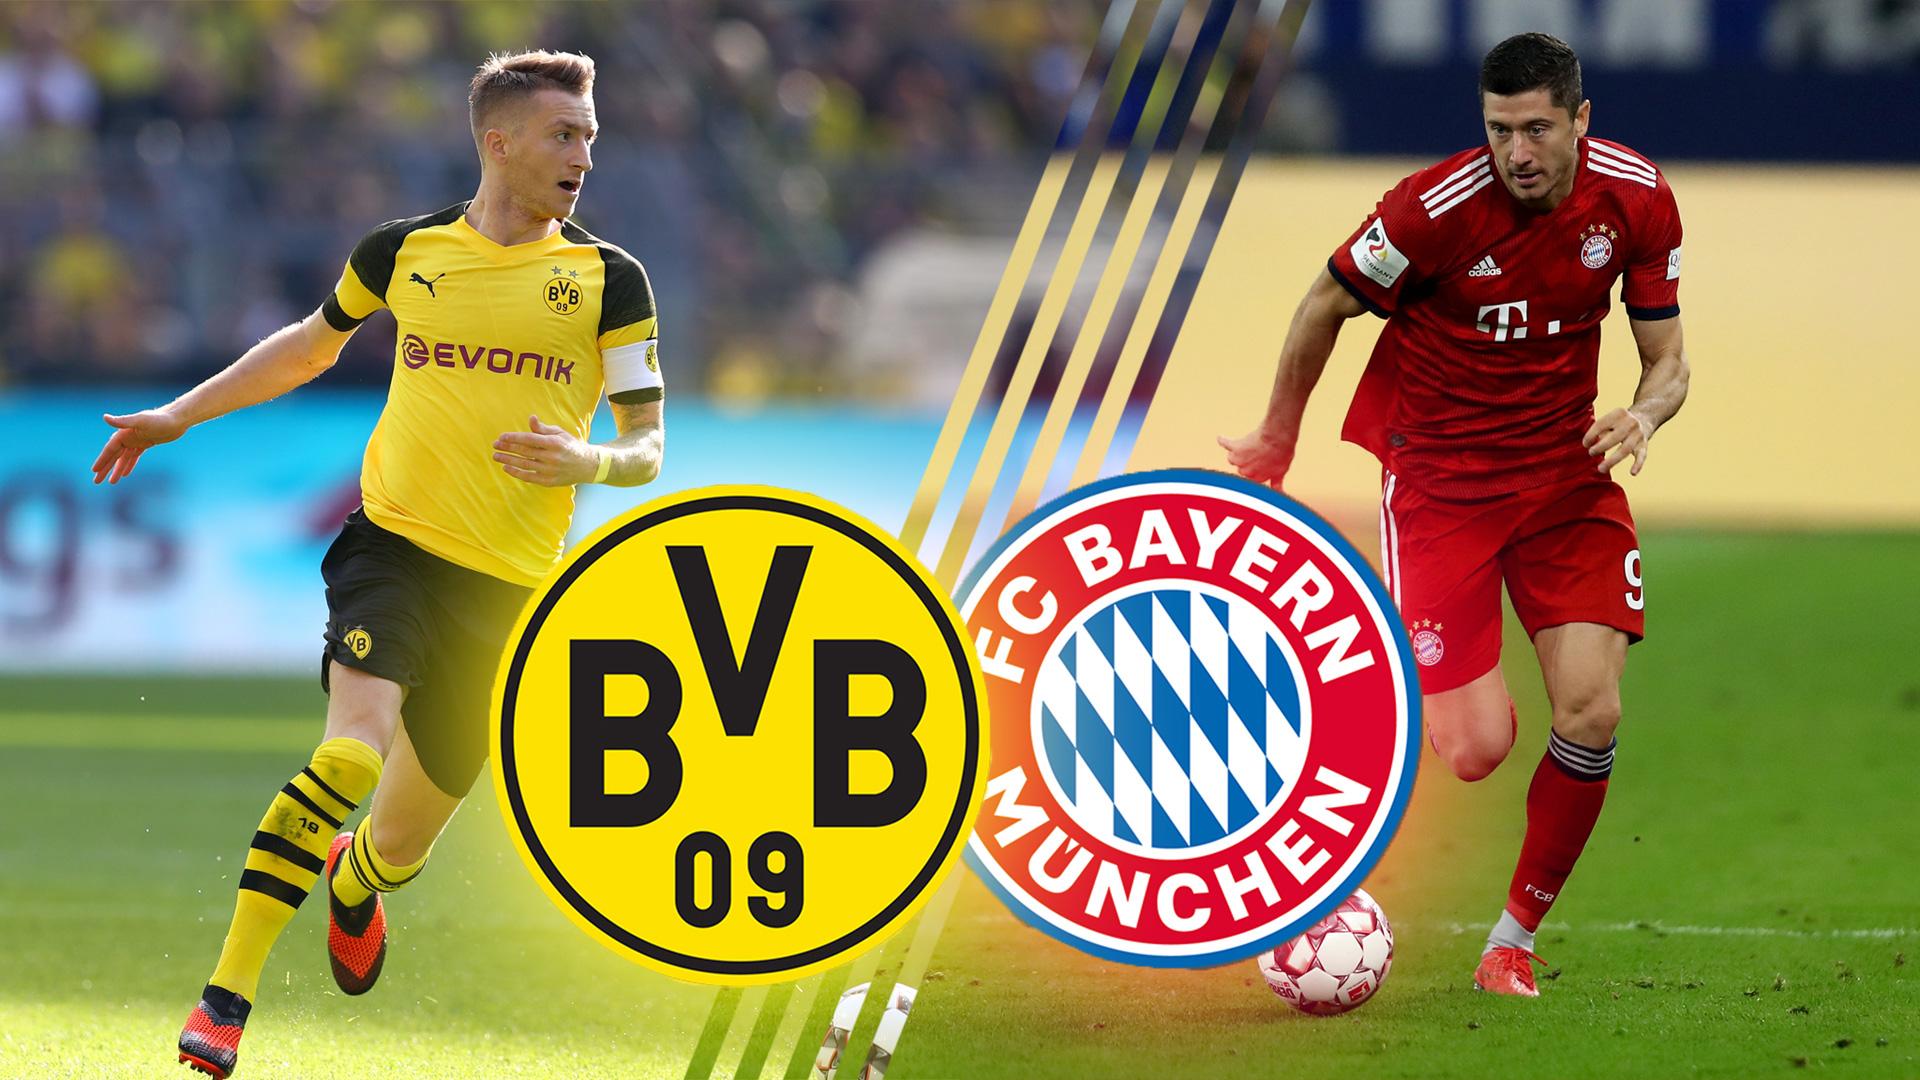 Bvb Vs Fc Bayern Live Im Tv Und Live Stream Wer Zeigt